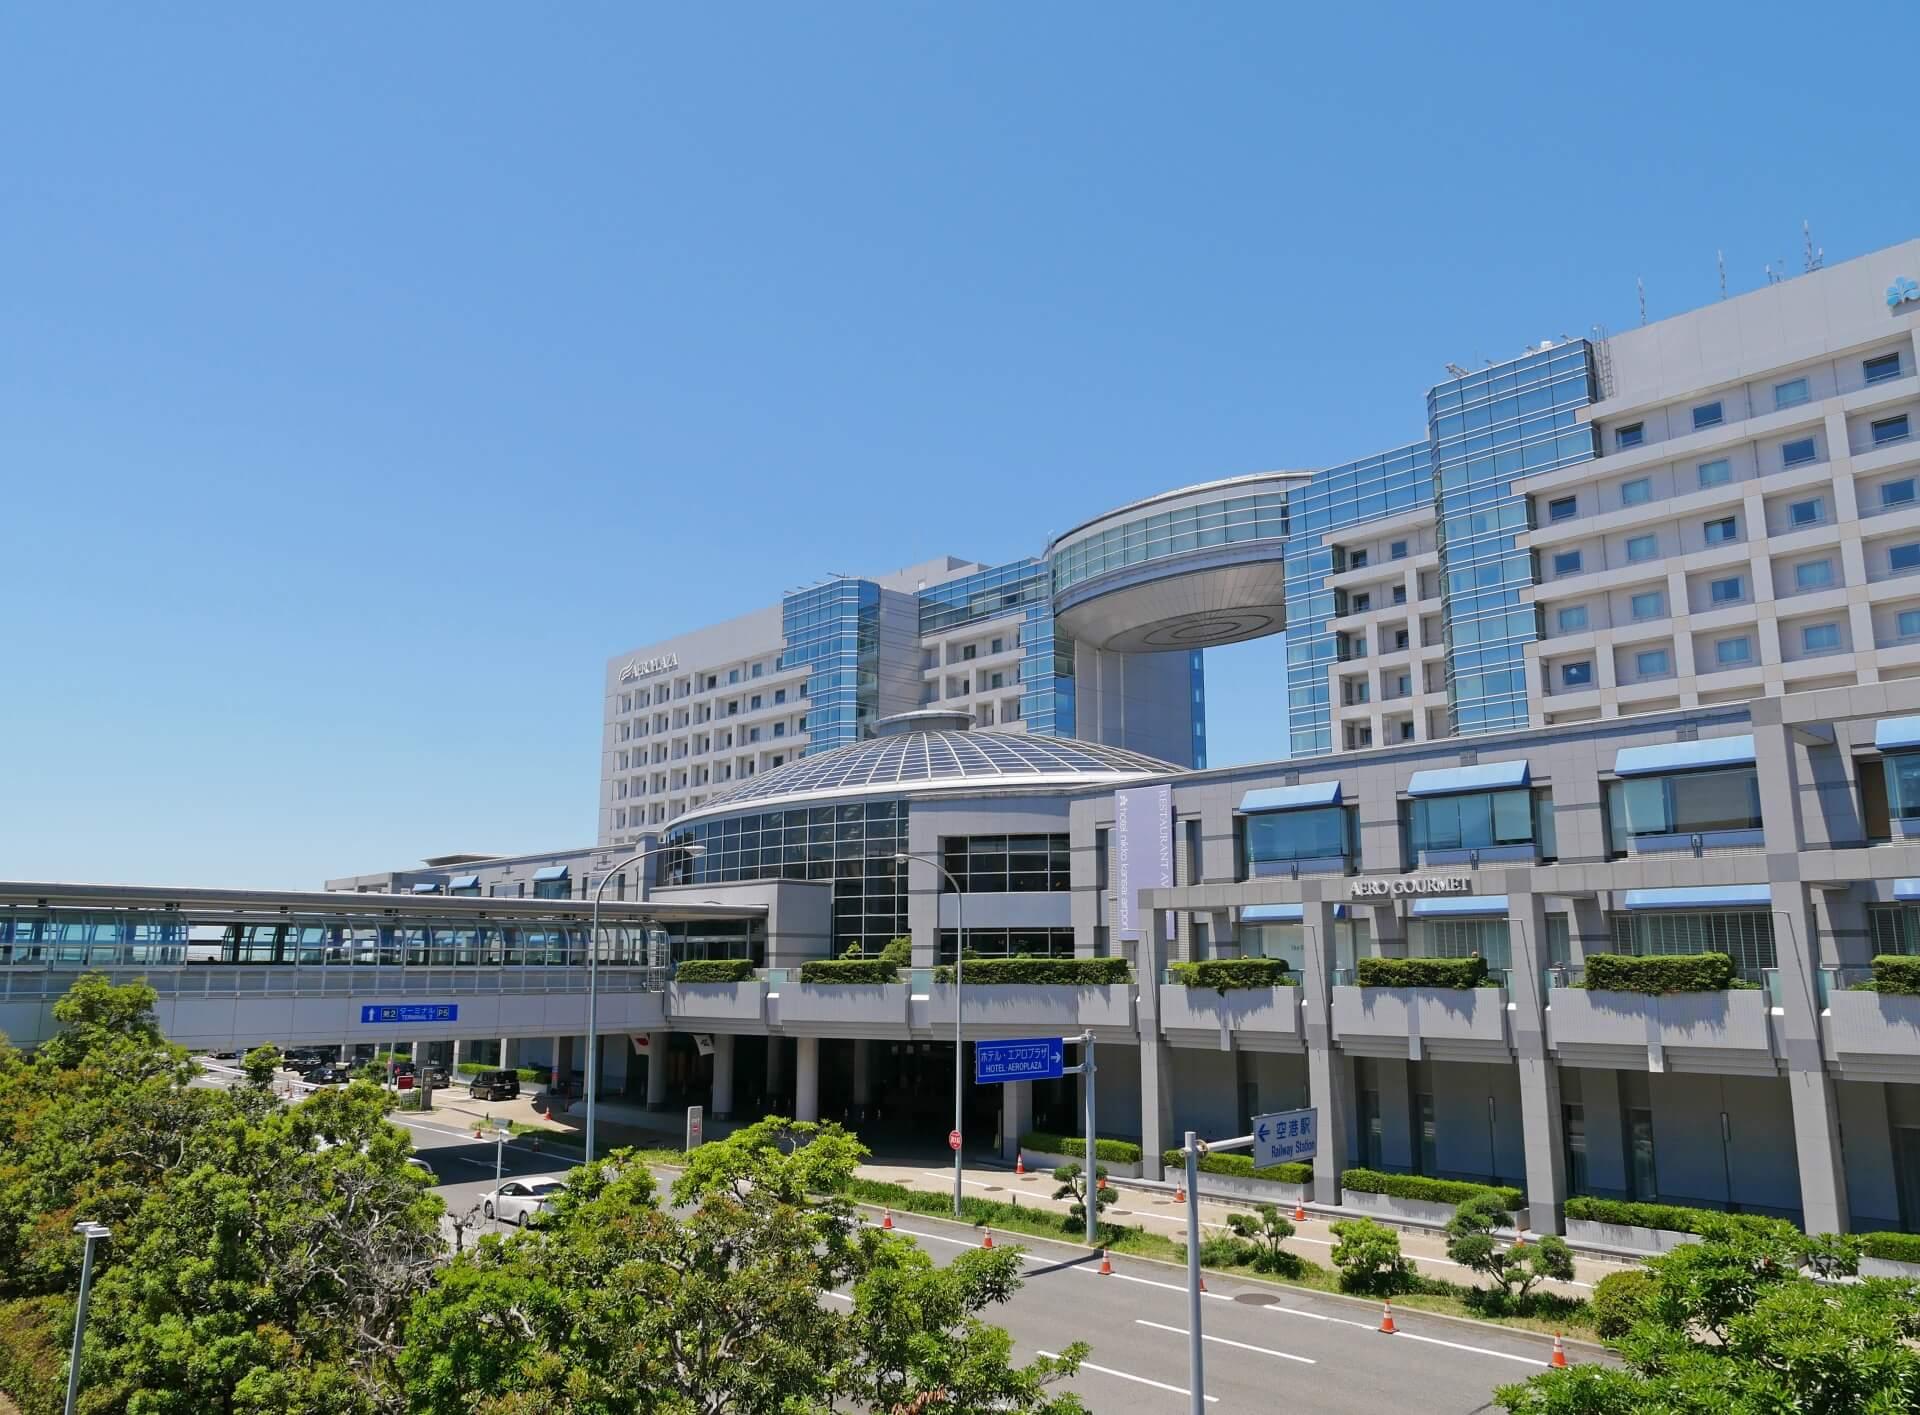 関西空港の外観の画像